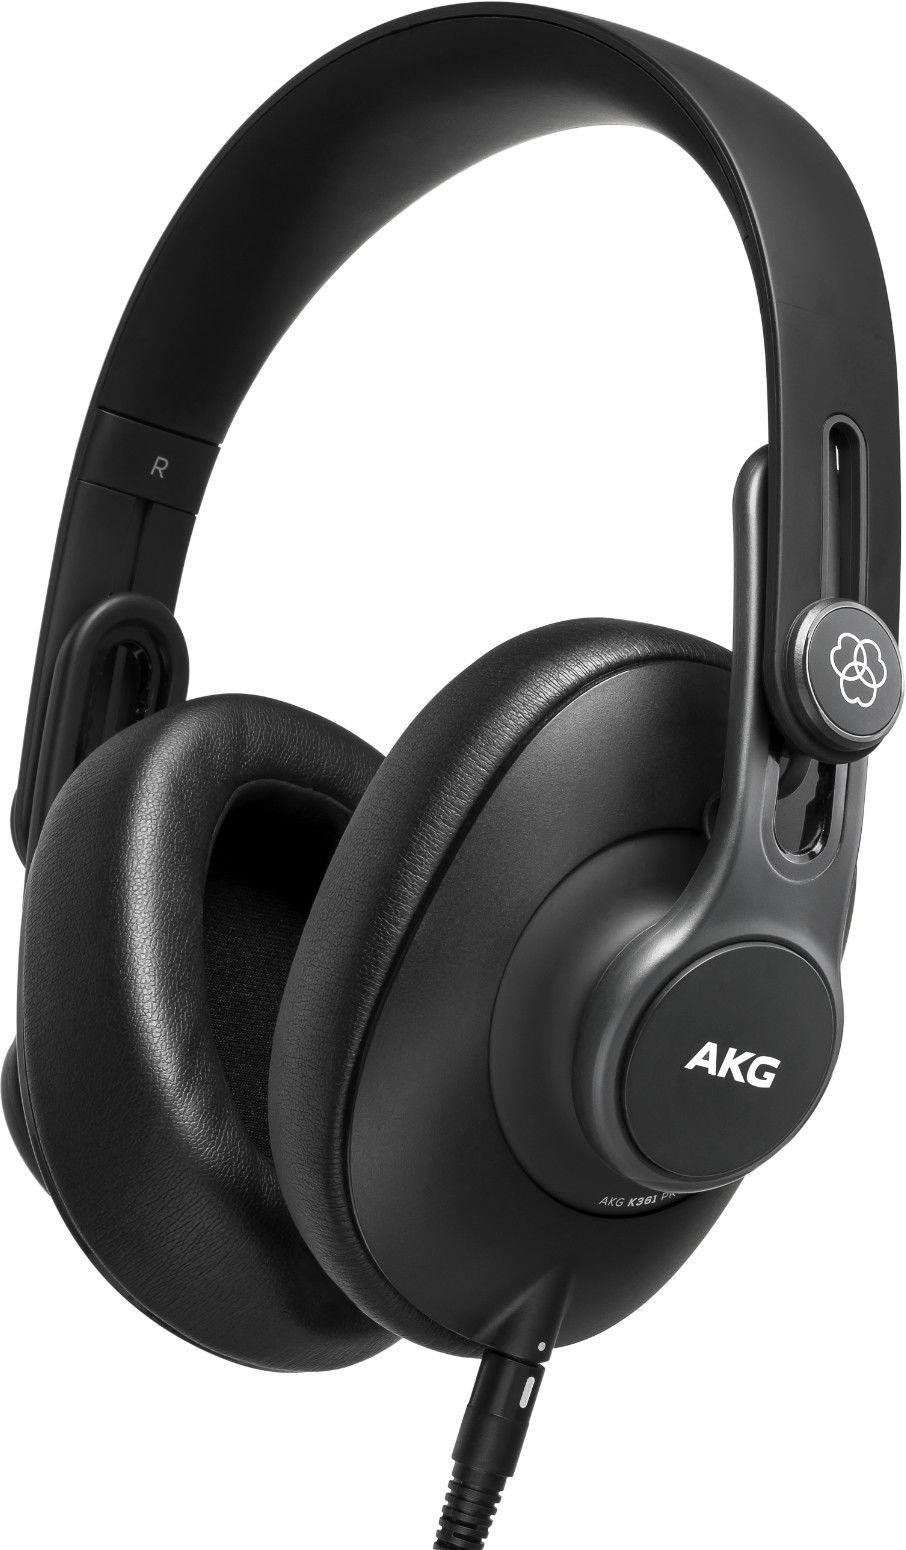 AKG K-361 - zamknięte słuchawki studyjne składaneI 30 DNI NA ZWROT I EKSPRESOWA WYSYŁKA !!